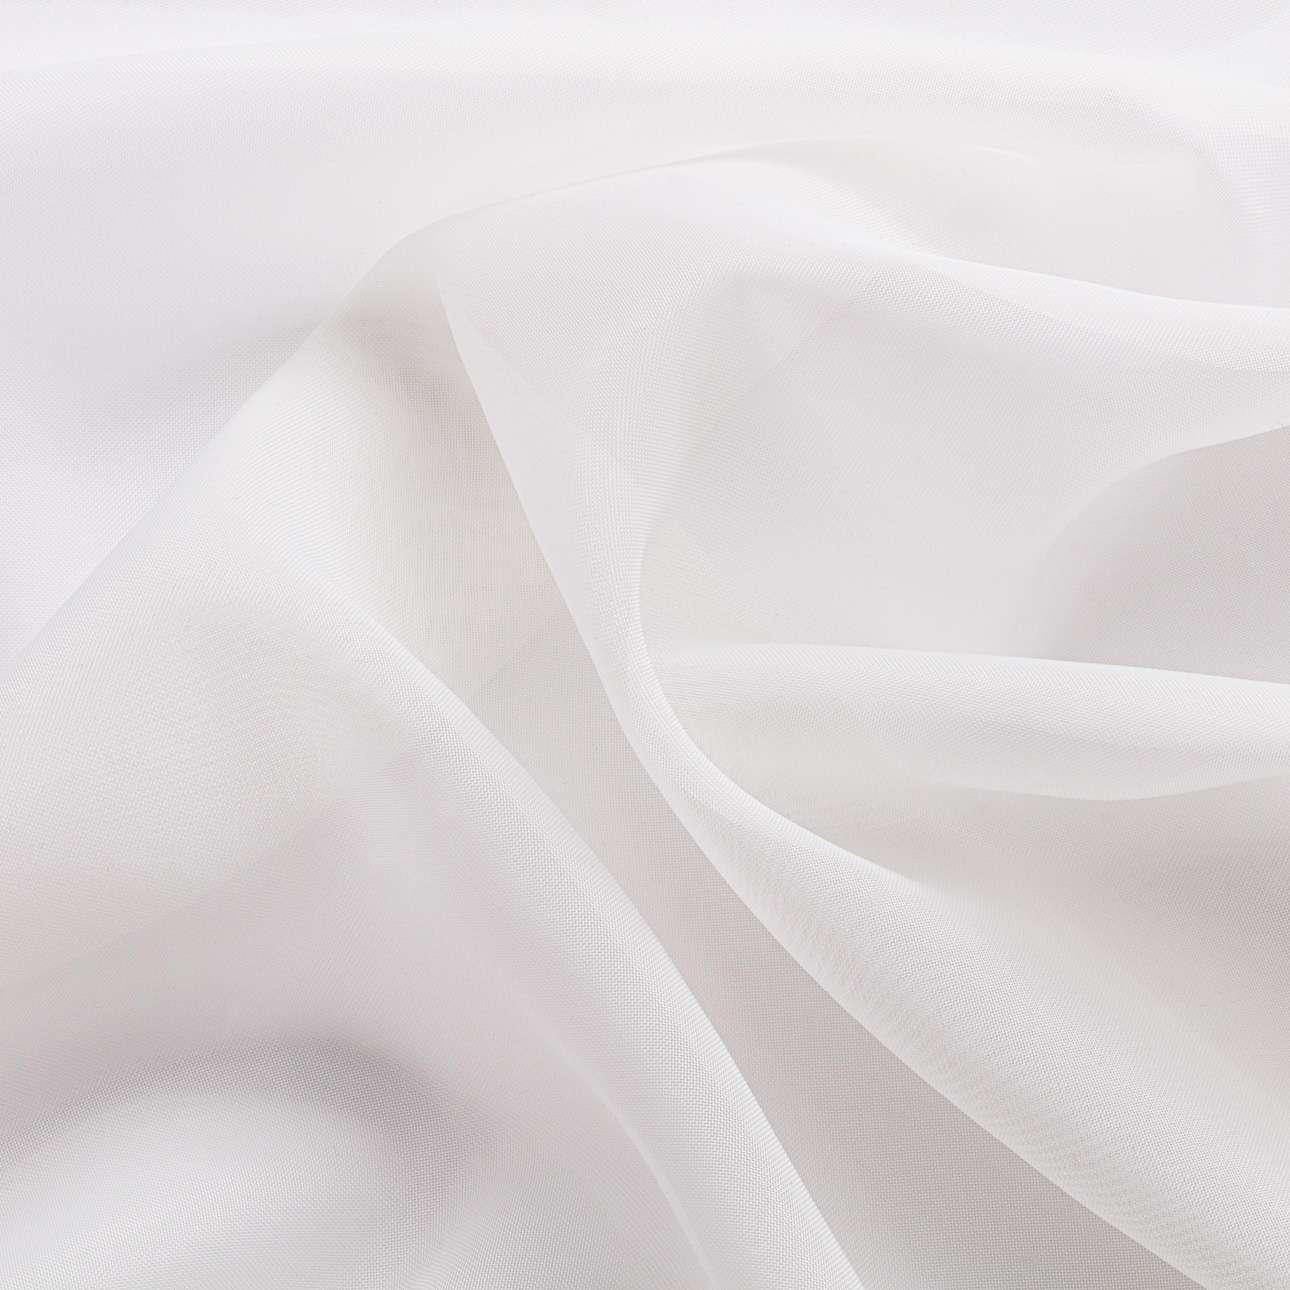 Woale 900-01 w kolekcji Woale, tkanina: 900-01